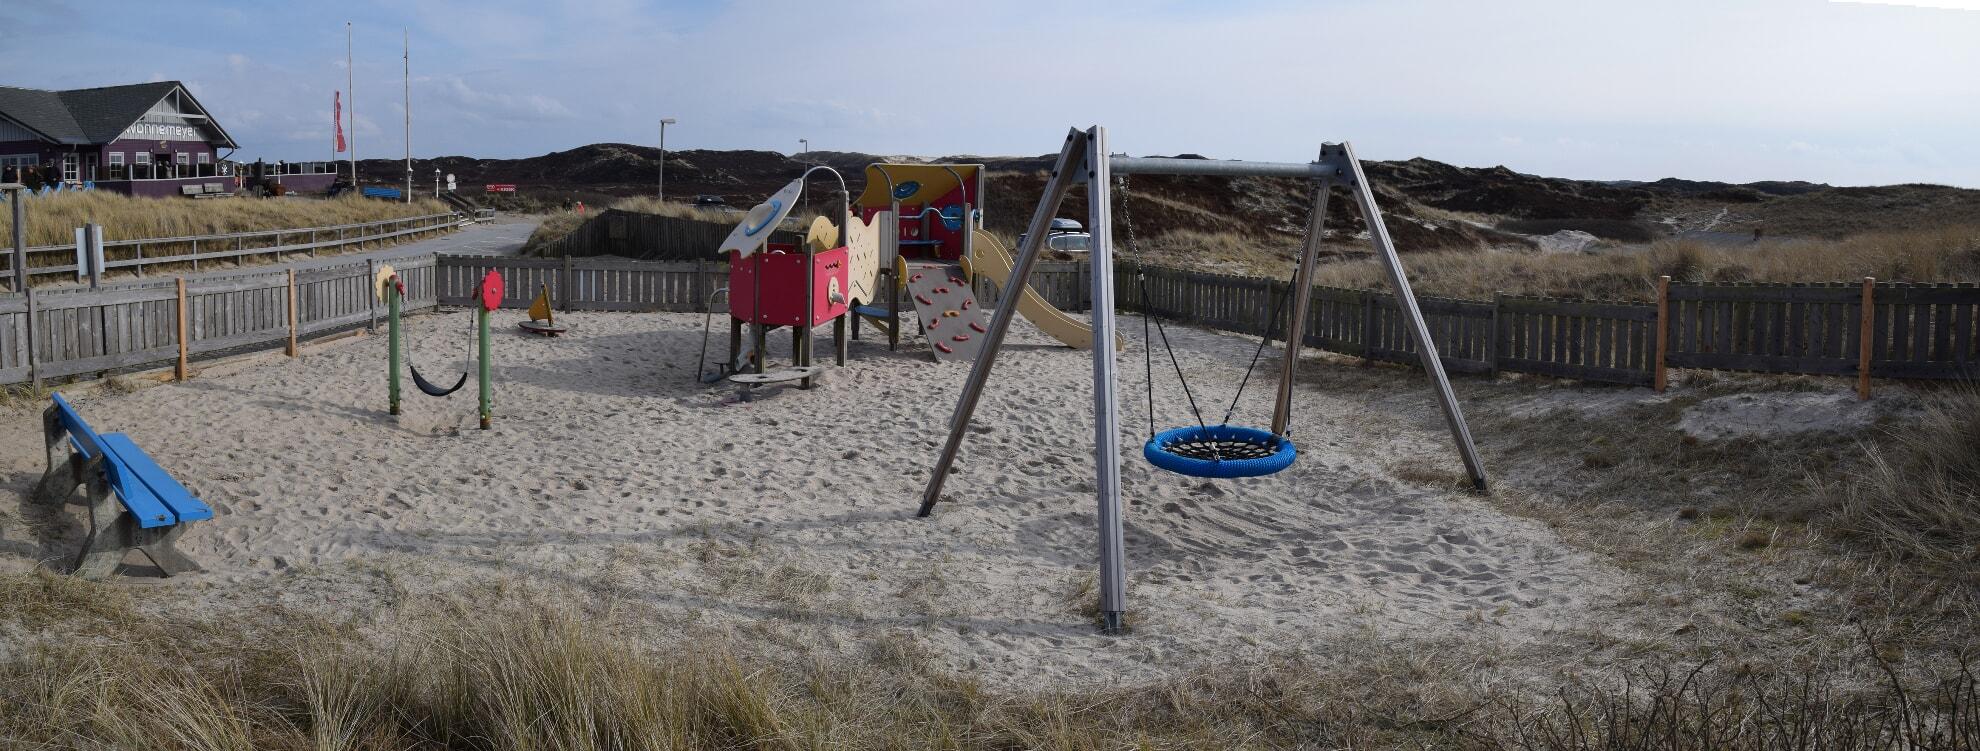 Spielplatz am Weststrand